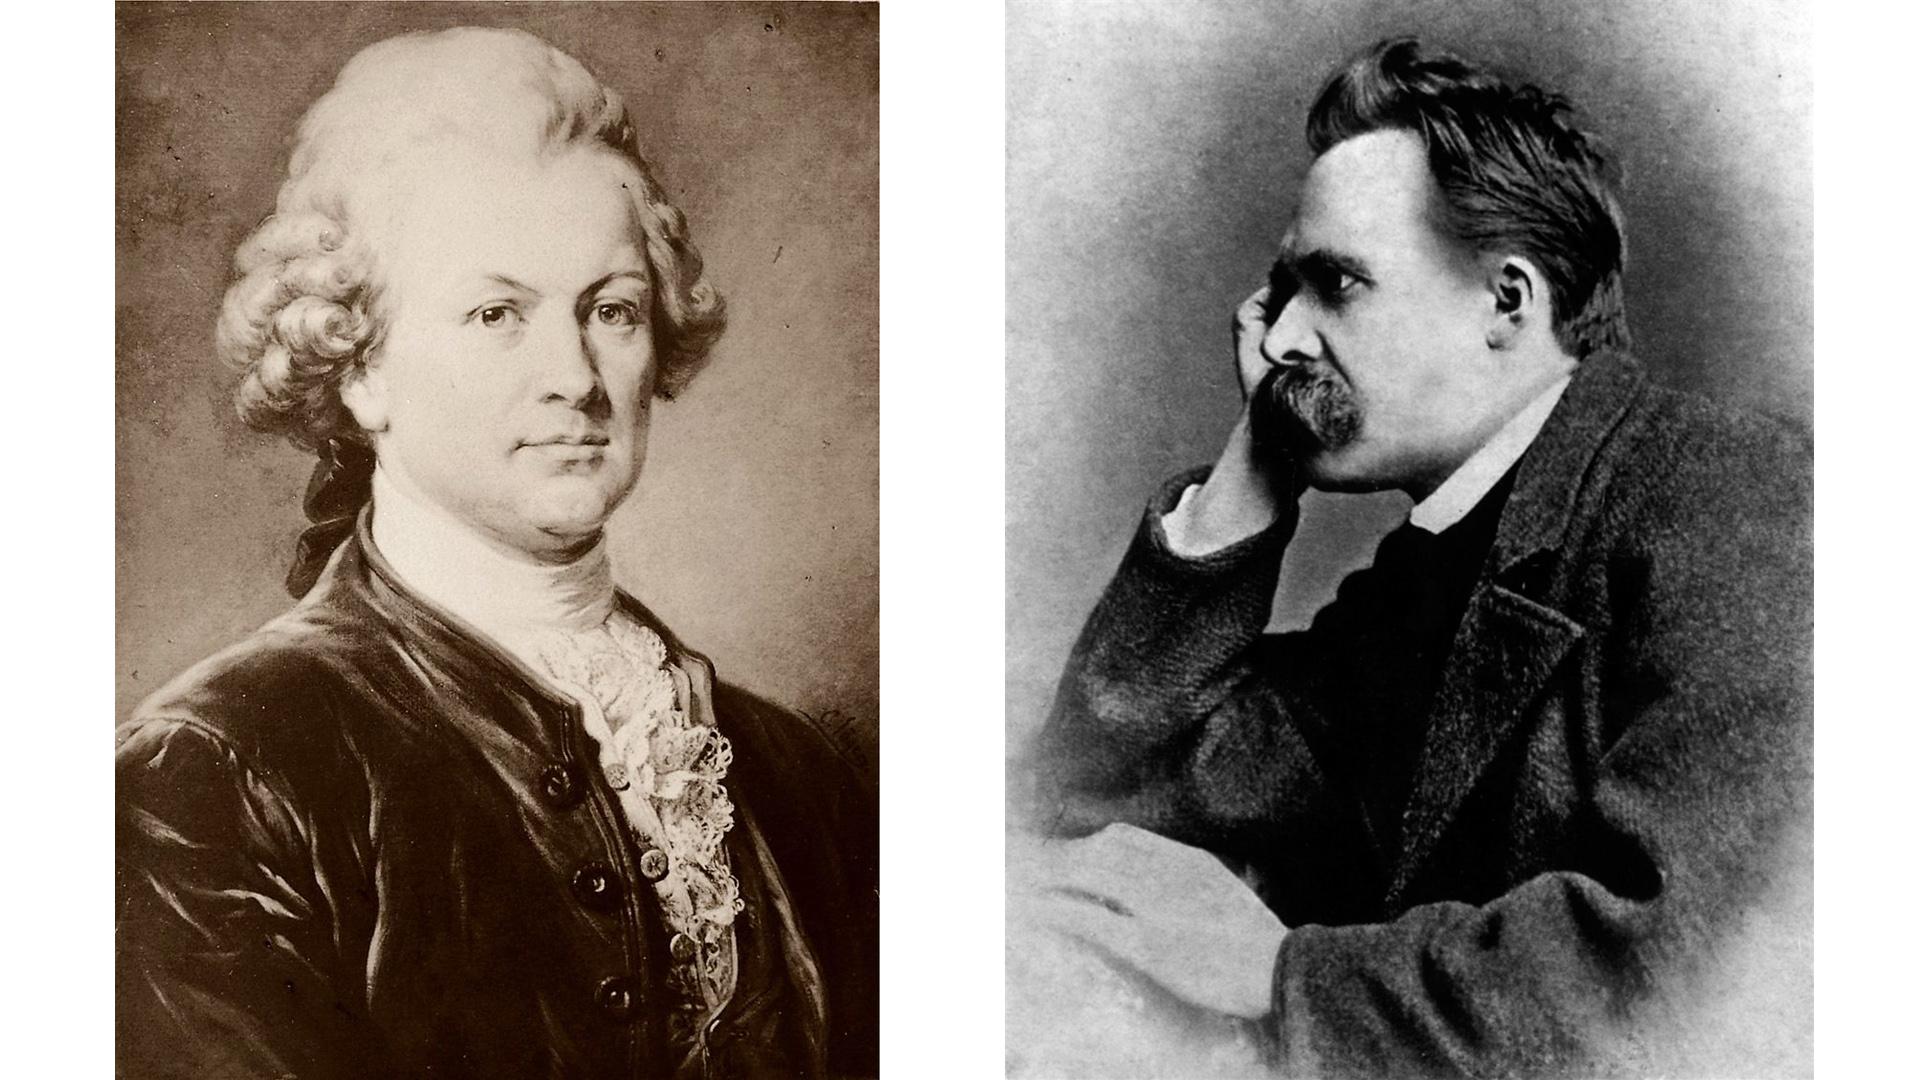 Gotthold Ephraim Lessing und Friedrich Nietzsche sind zwei von zahlreichen kulturell und gesellschaftlich einflussreichen Persönlichkeiten in der deutschen Geschichte, die aus einem evangelischen Pfarrhaus stammen